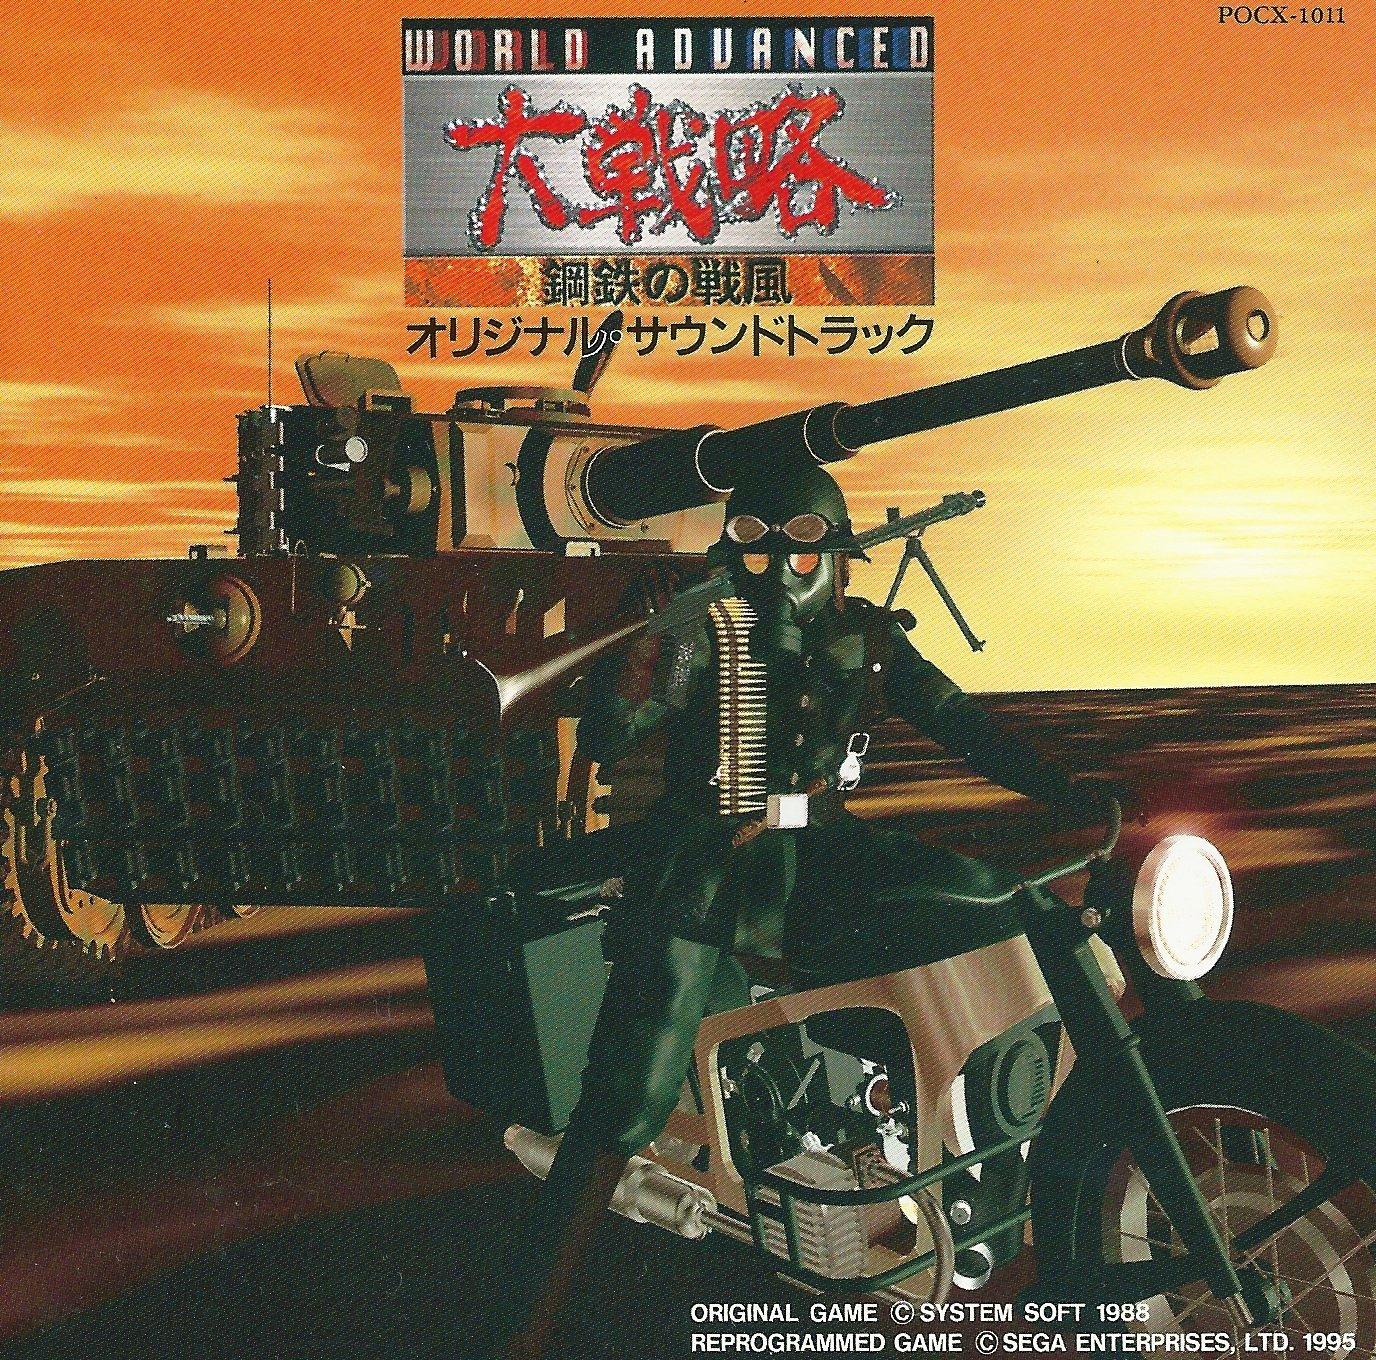 ワールドアドバンスド大戦略~鋼鉄の戦風~ オリジナルサウンドトラック B00005MXX4